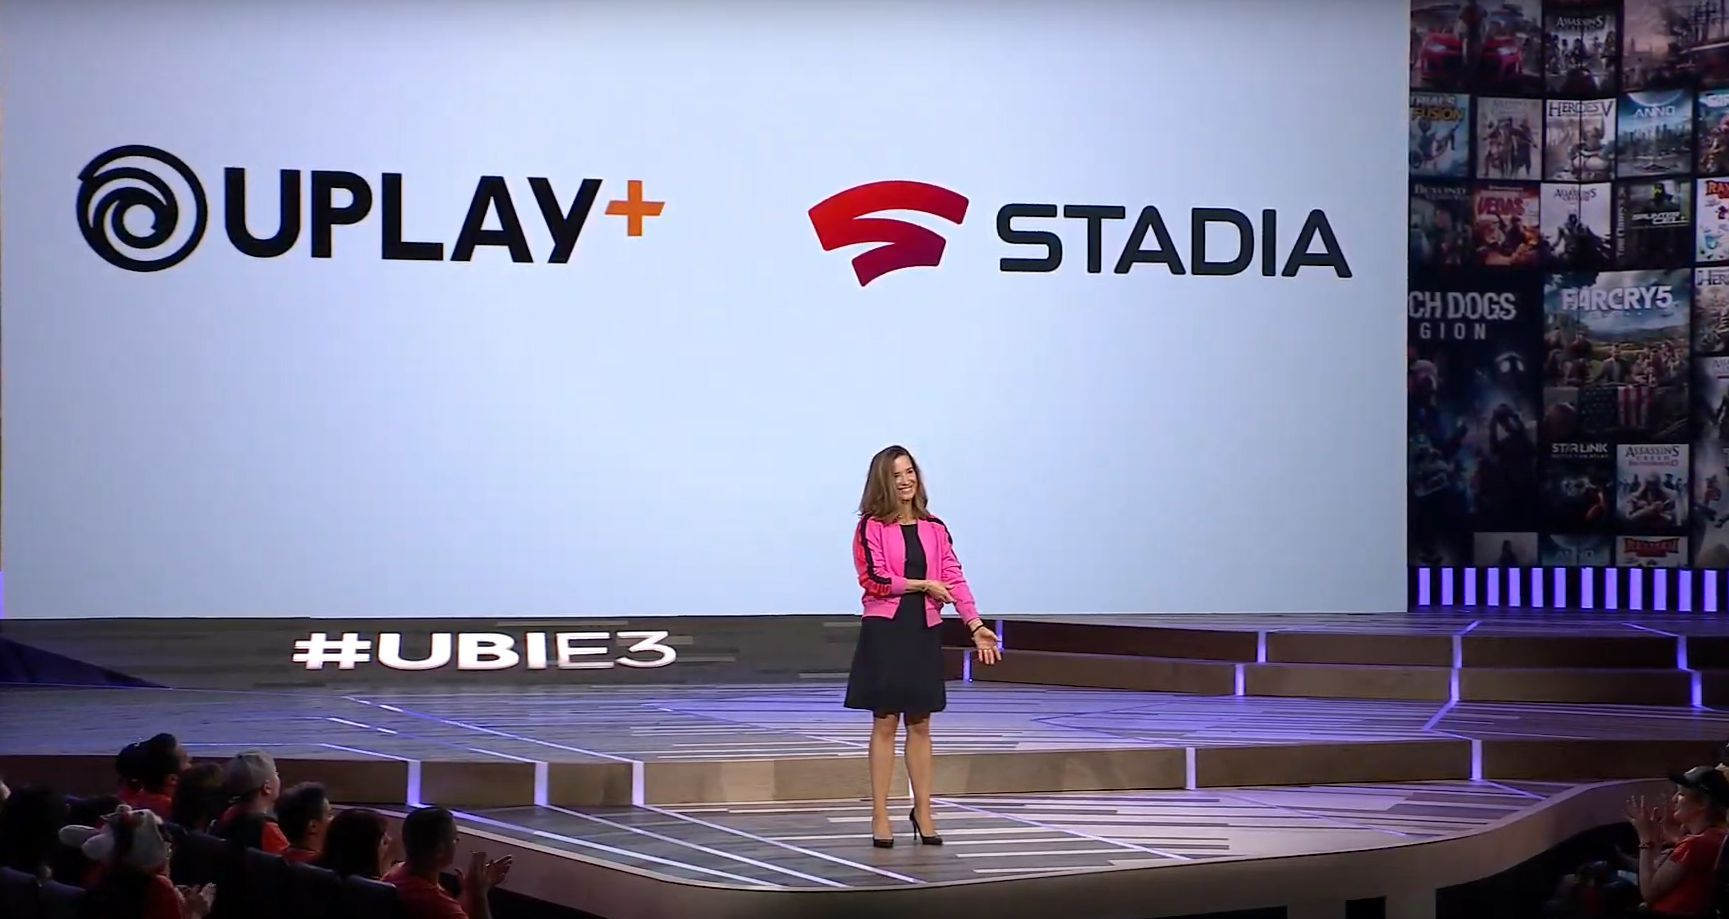 Le futur des joueurs est l'abonnement : l'offre UPlay+ d'Ubisoft sera compatible Google Stadia